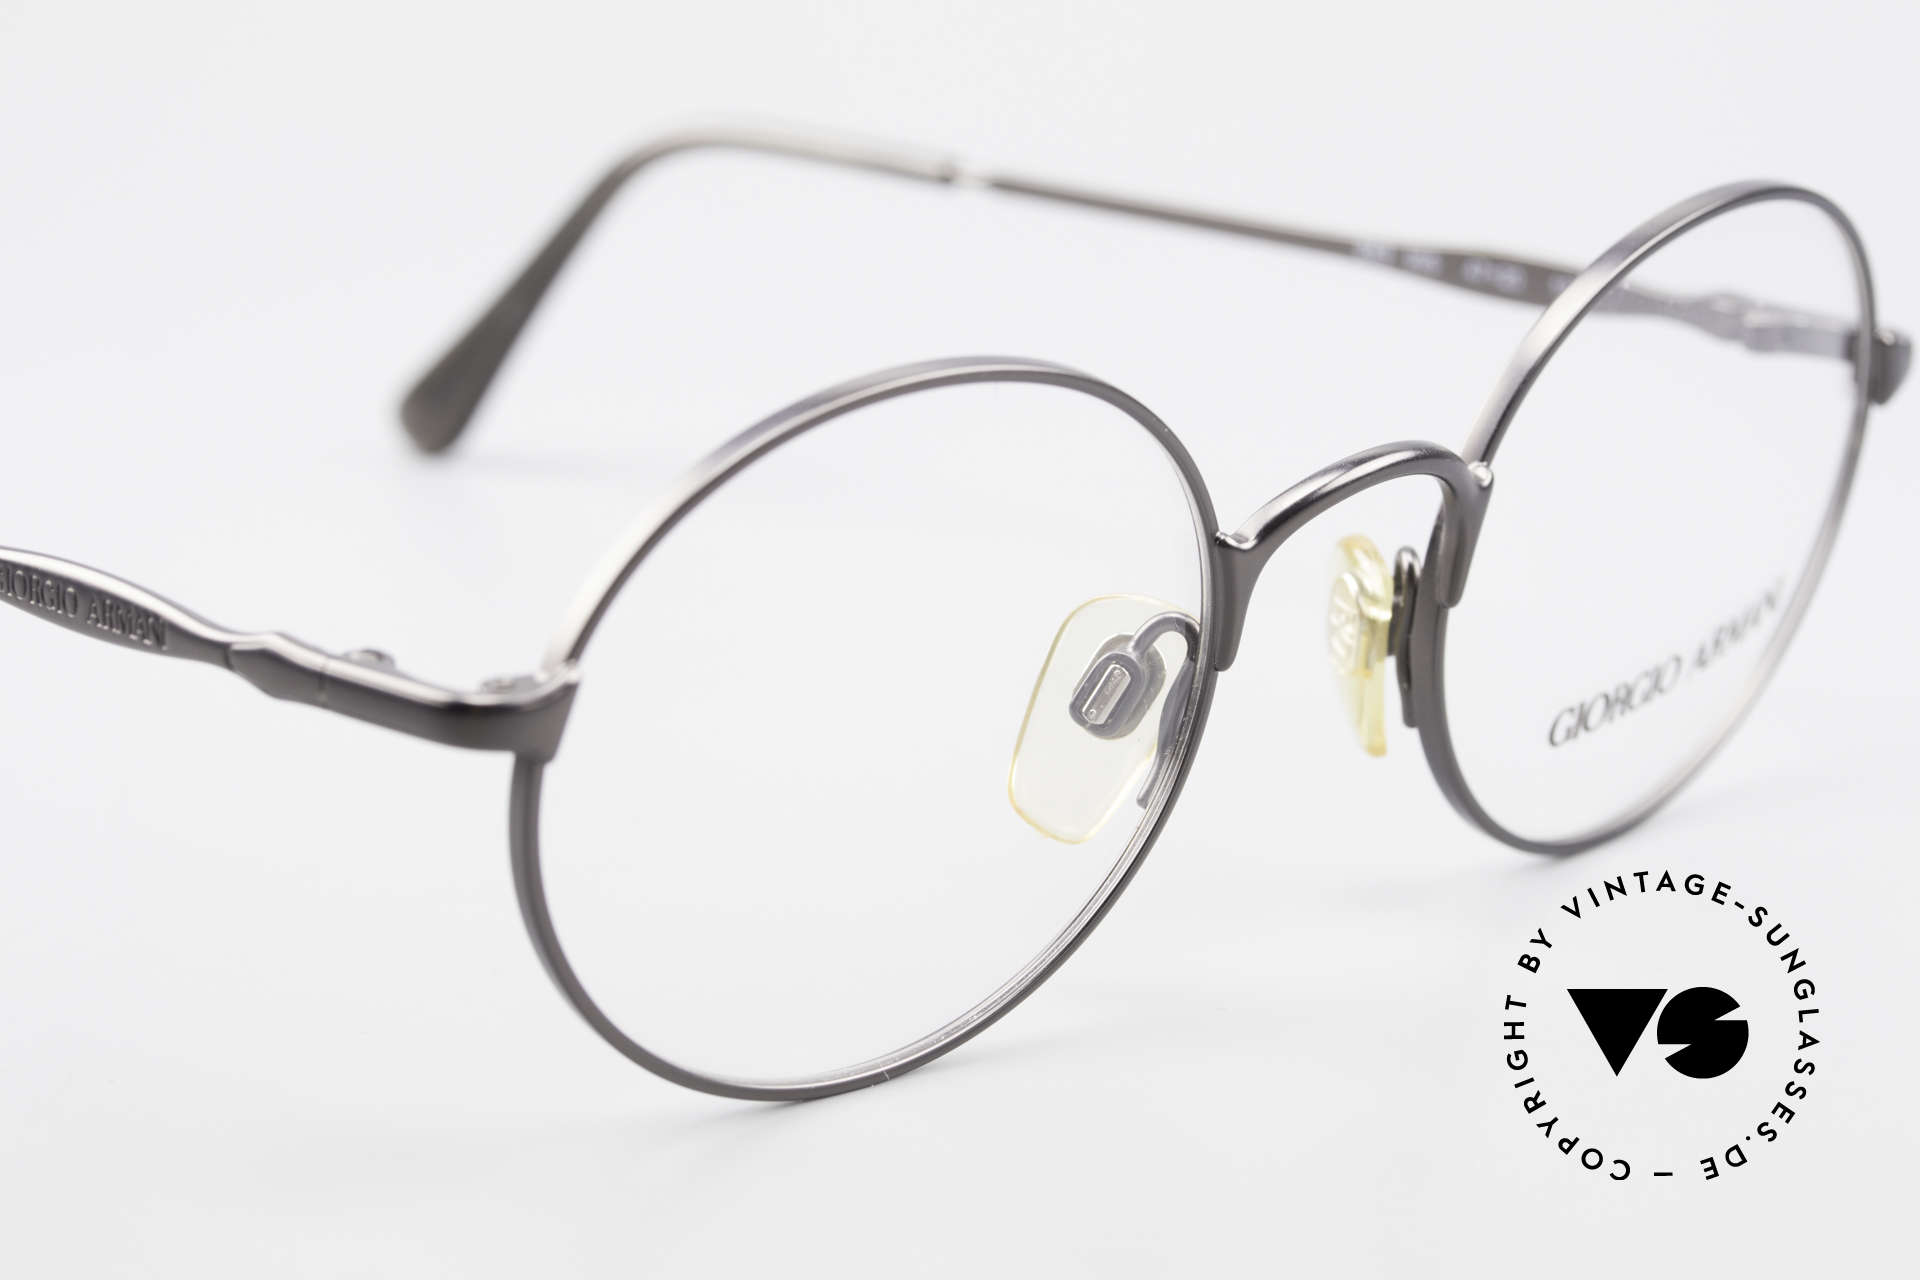 Giorgio Armani 243 Kleine Rund Ovale Brille 90er, keine aktuelle Kollektion; ein 25 J. altes Original, Passend für Herren und Damen